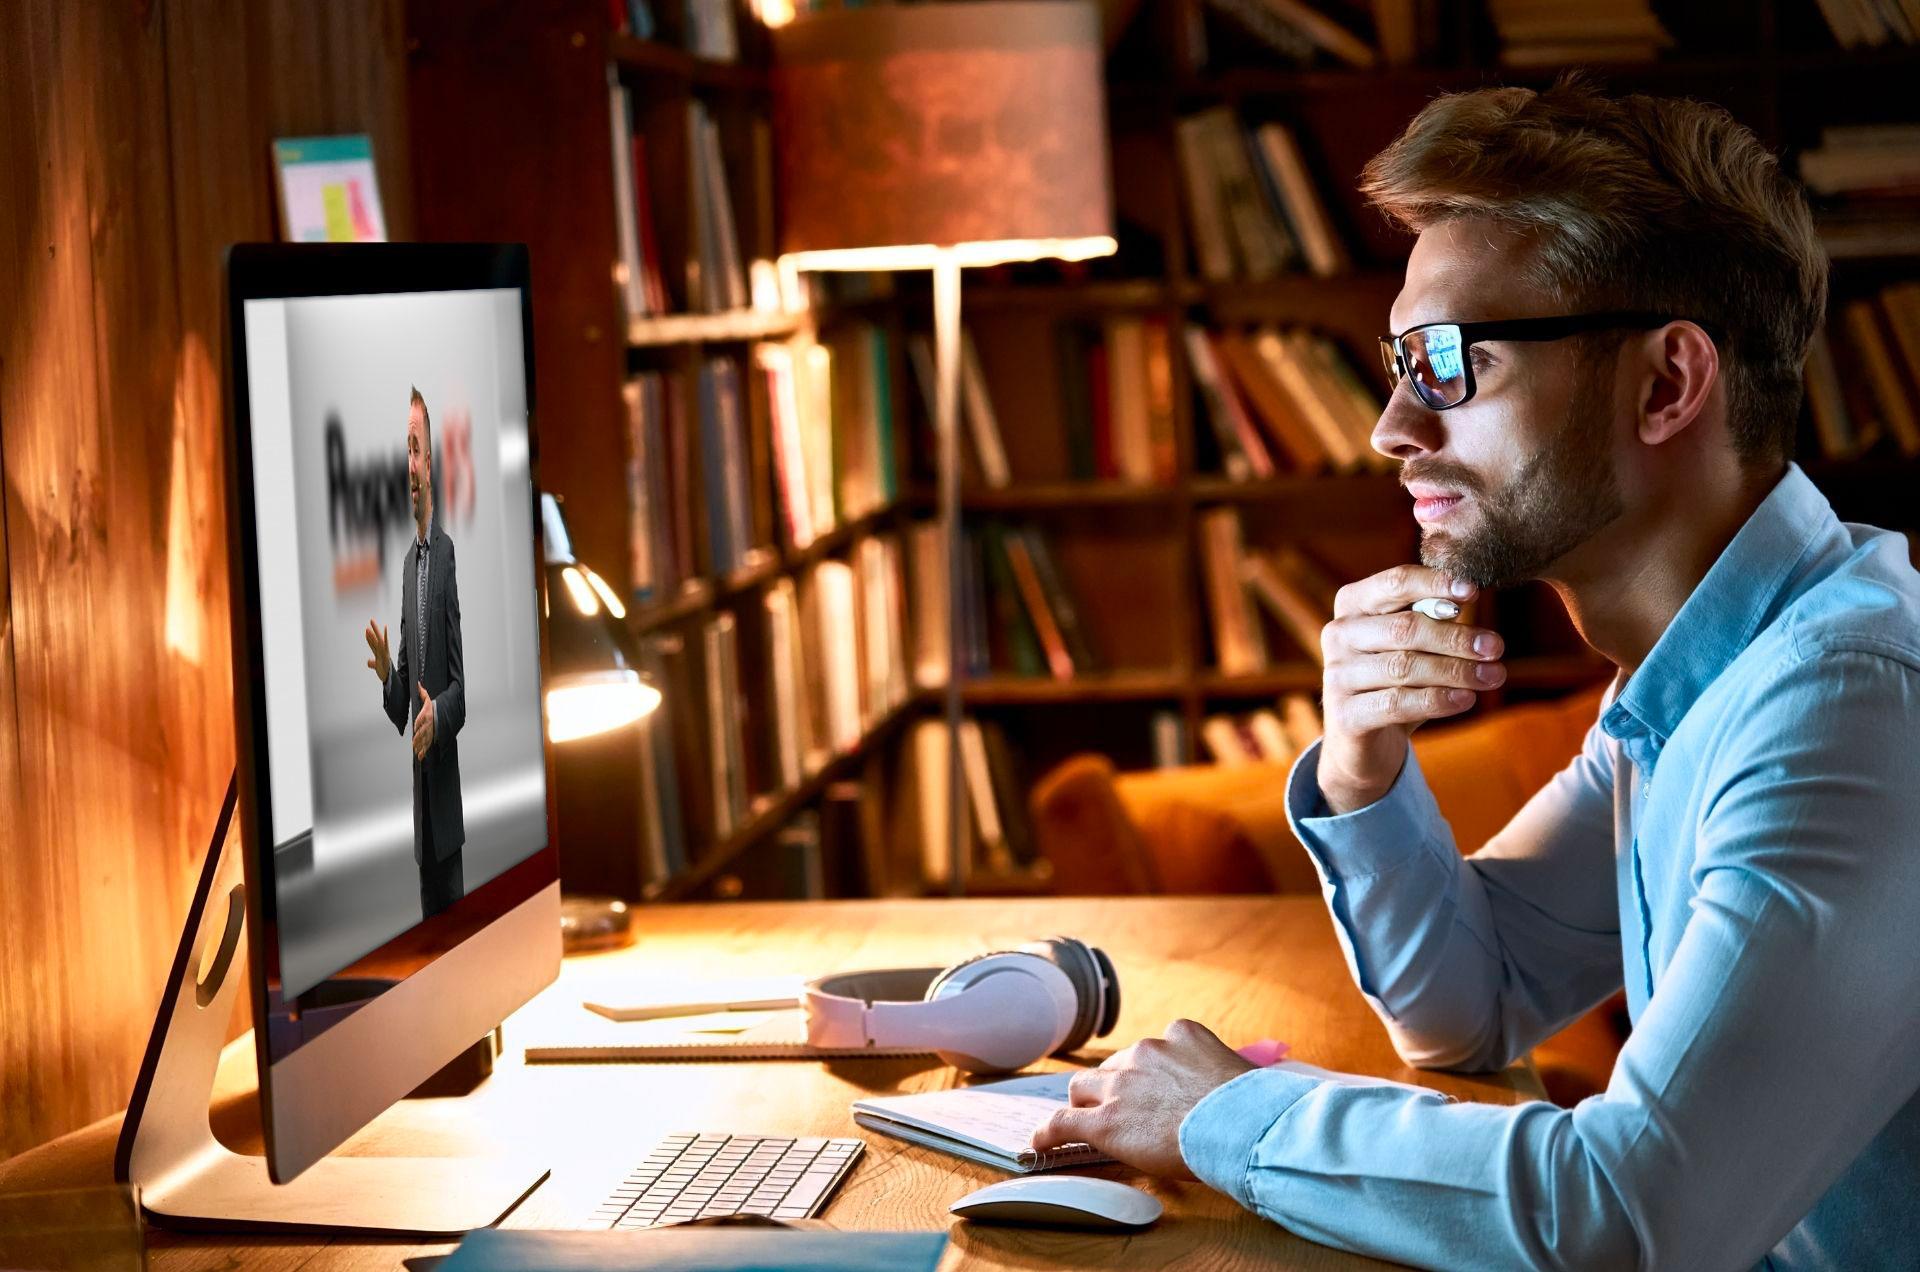 Virtuální konference - kde vysíláme - YouTube, Vimeo, Facebook, Microsoft Teams, ZOOM atd.